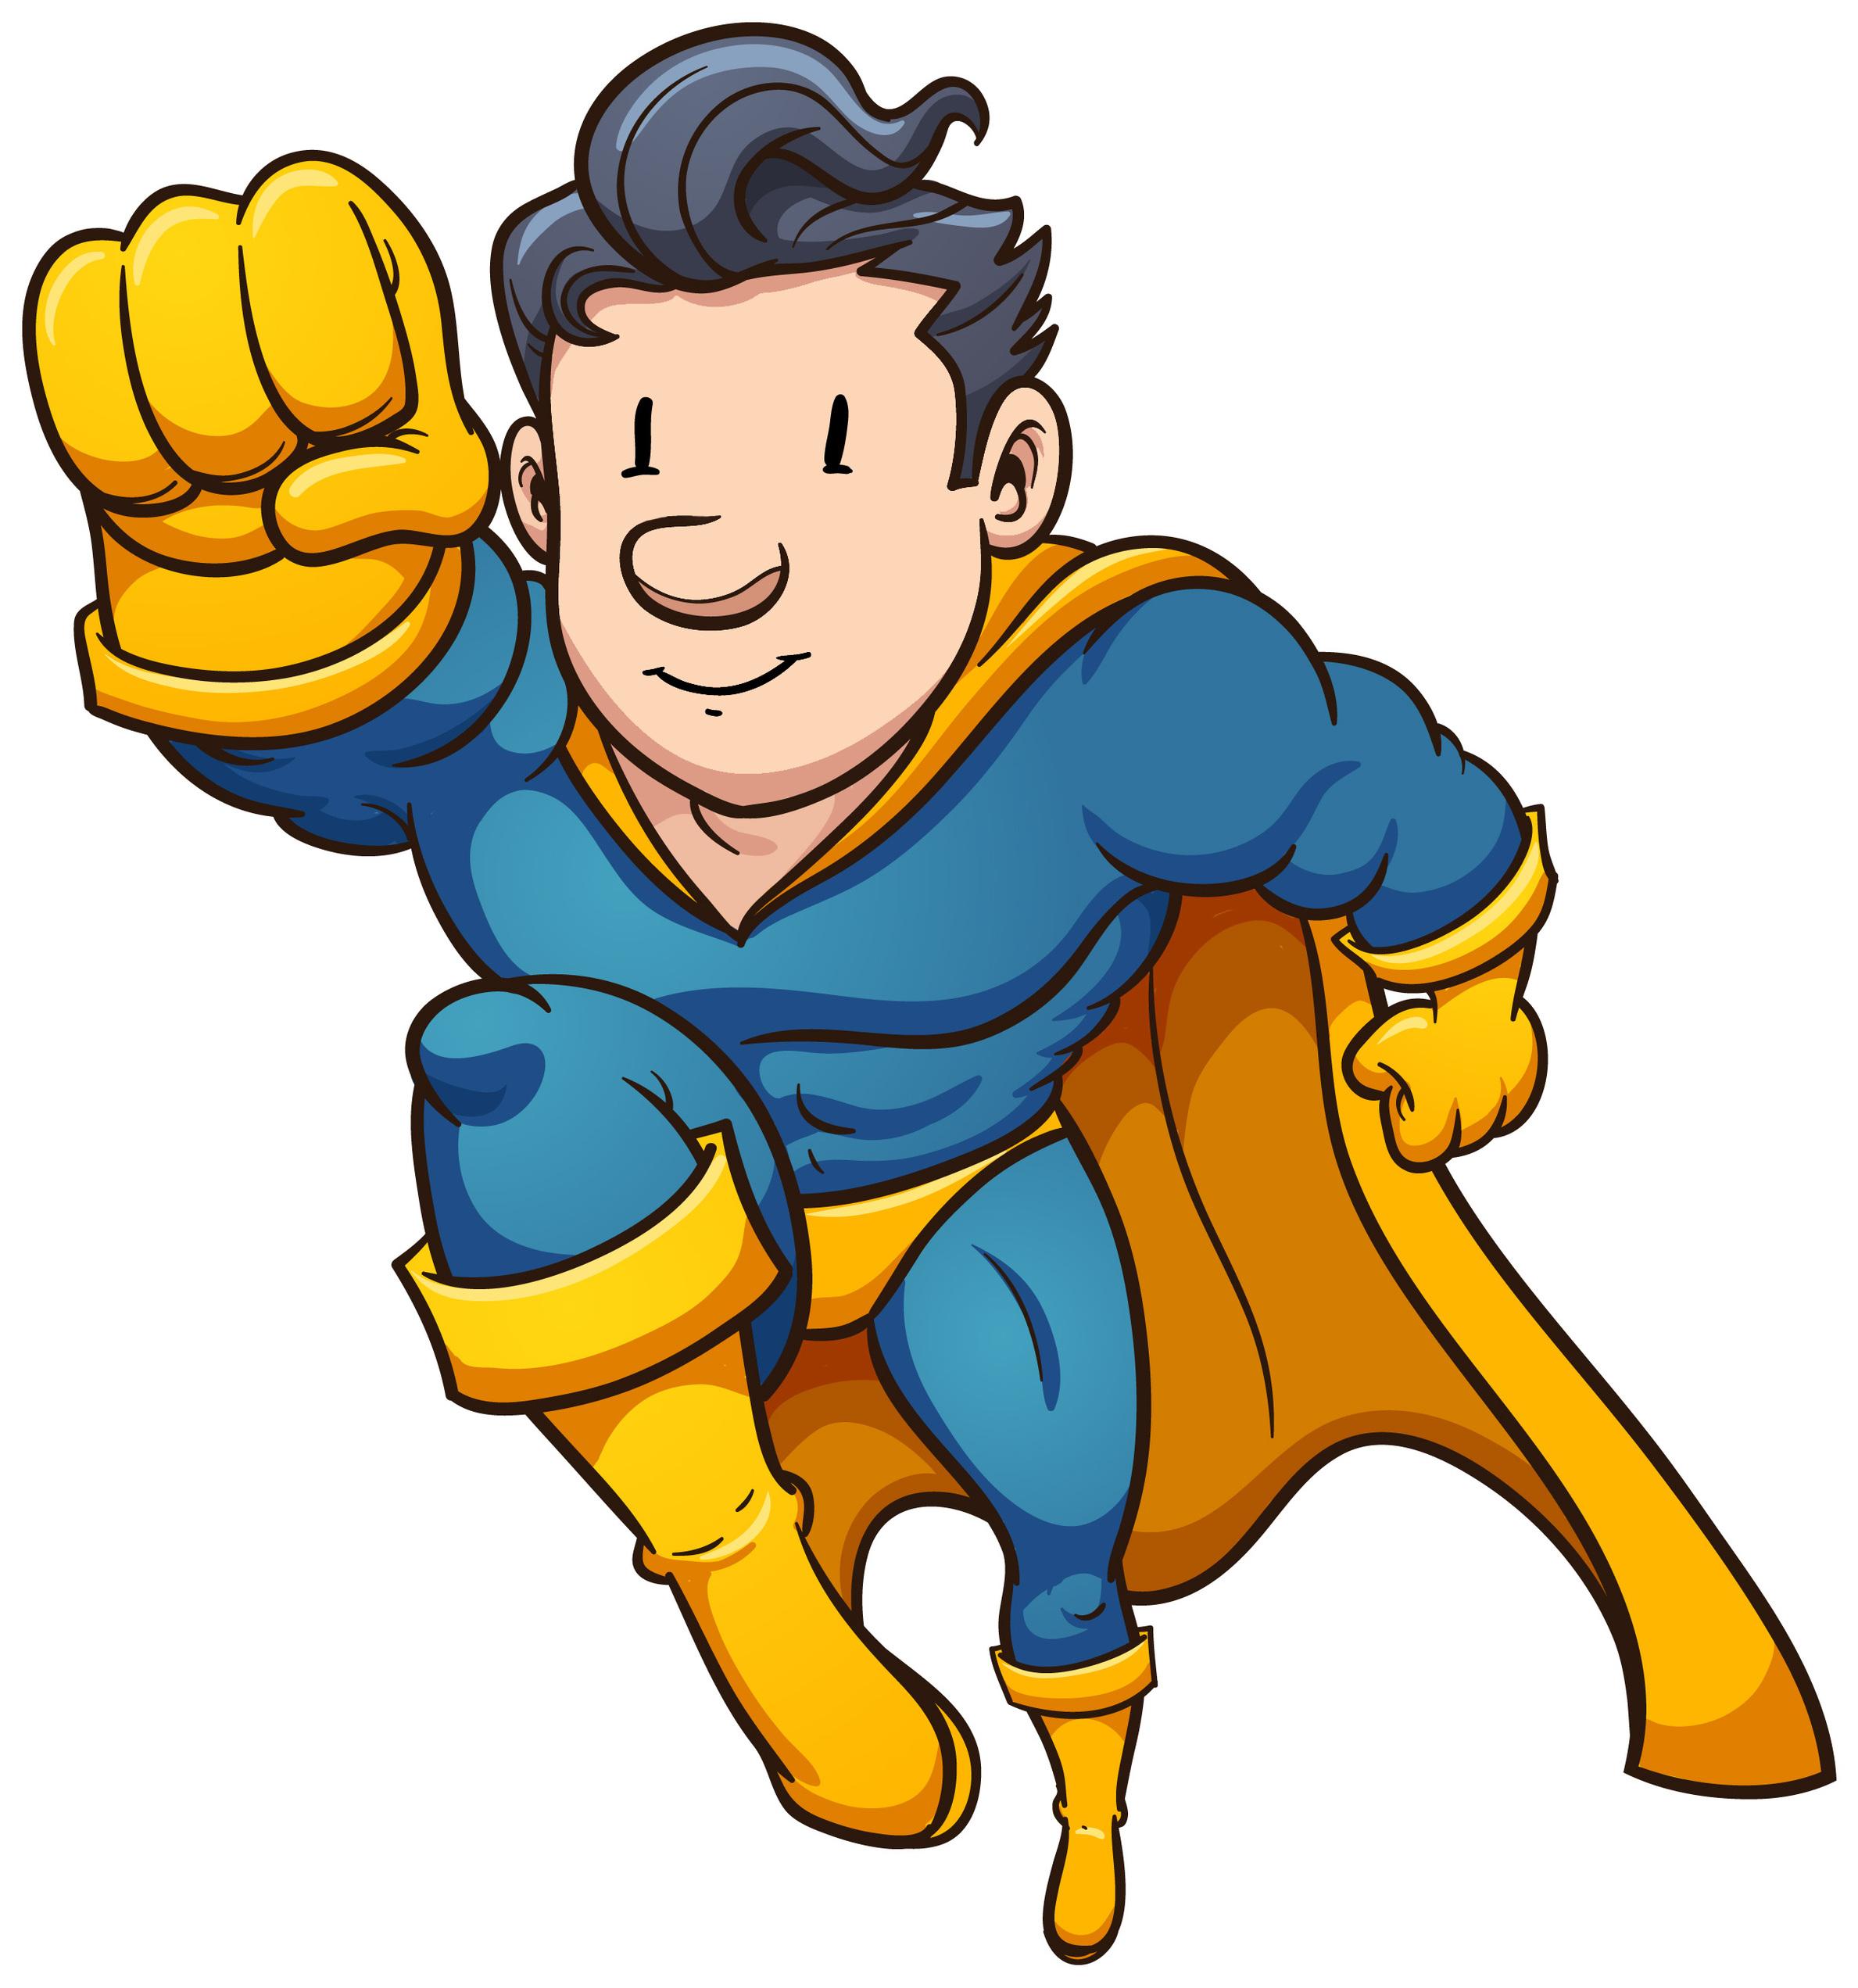 Super hero day clipart clip black and white download Superhero Clipart & Superhero Clip Art Images - ClipartALL.com clip black and white download